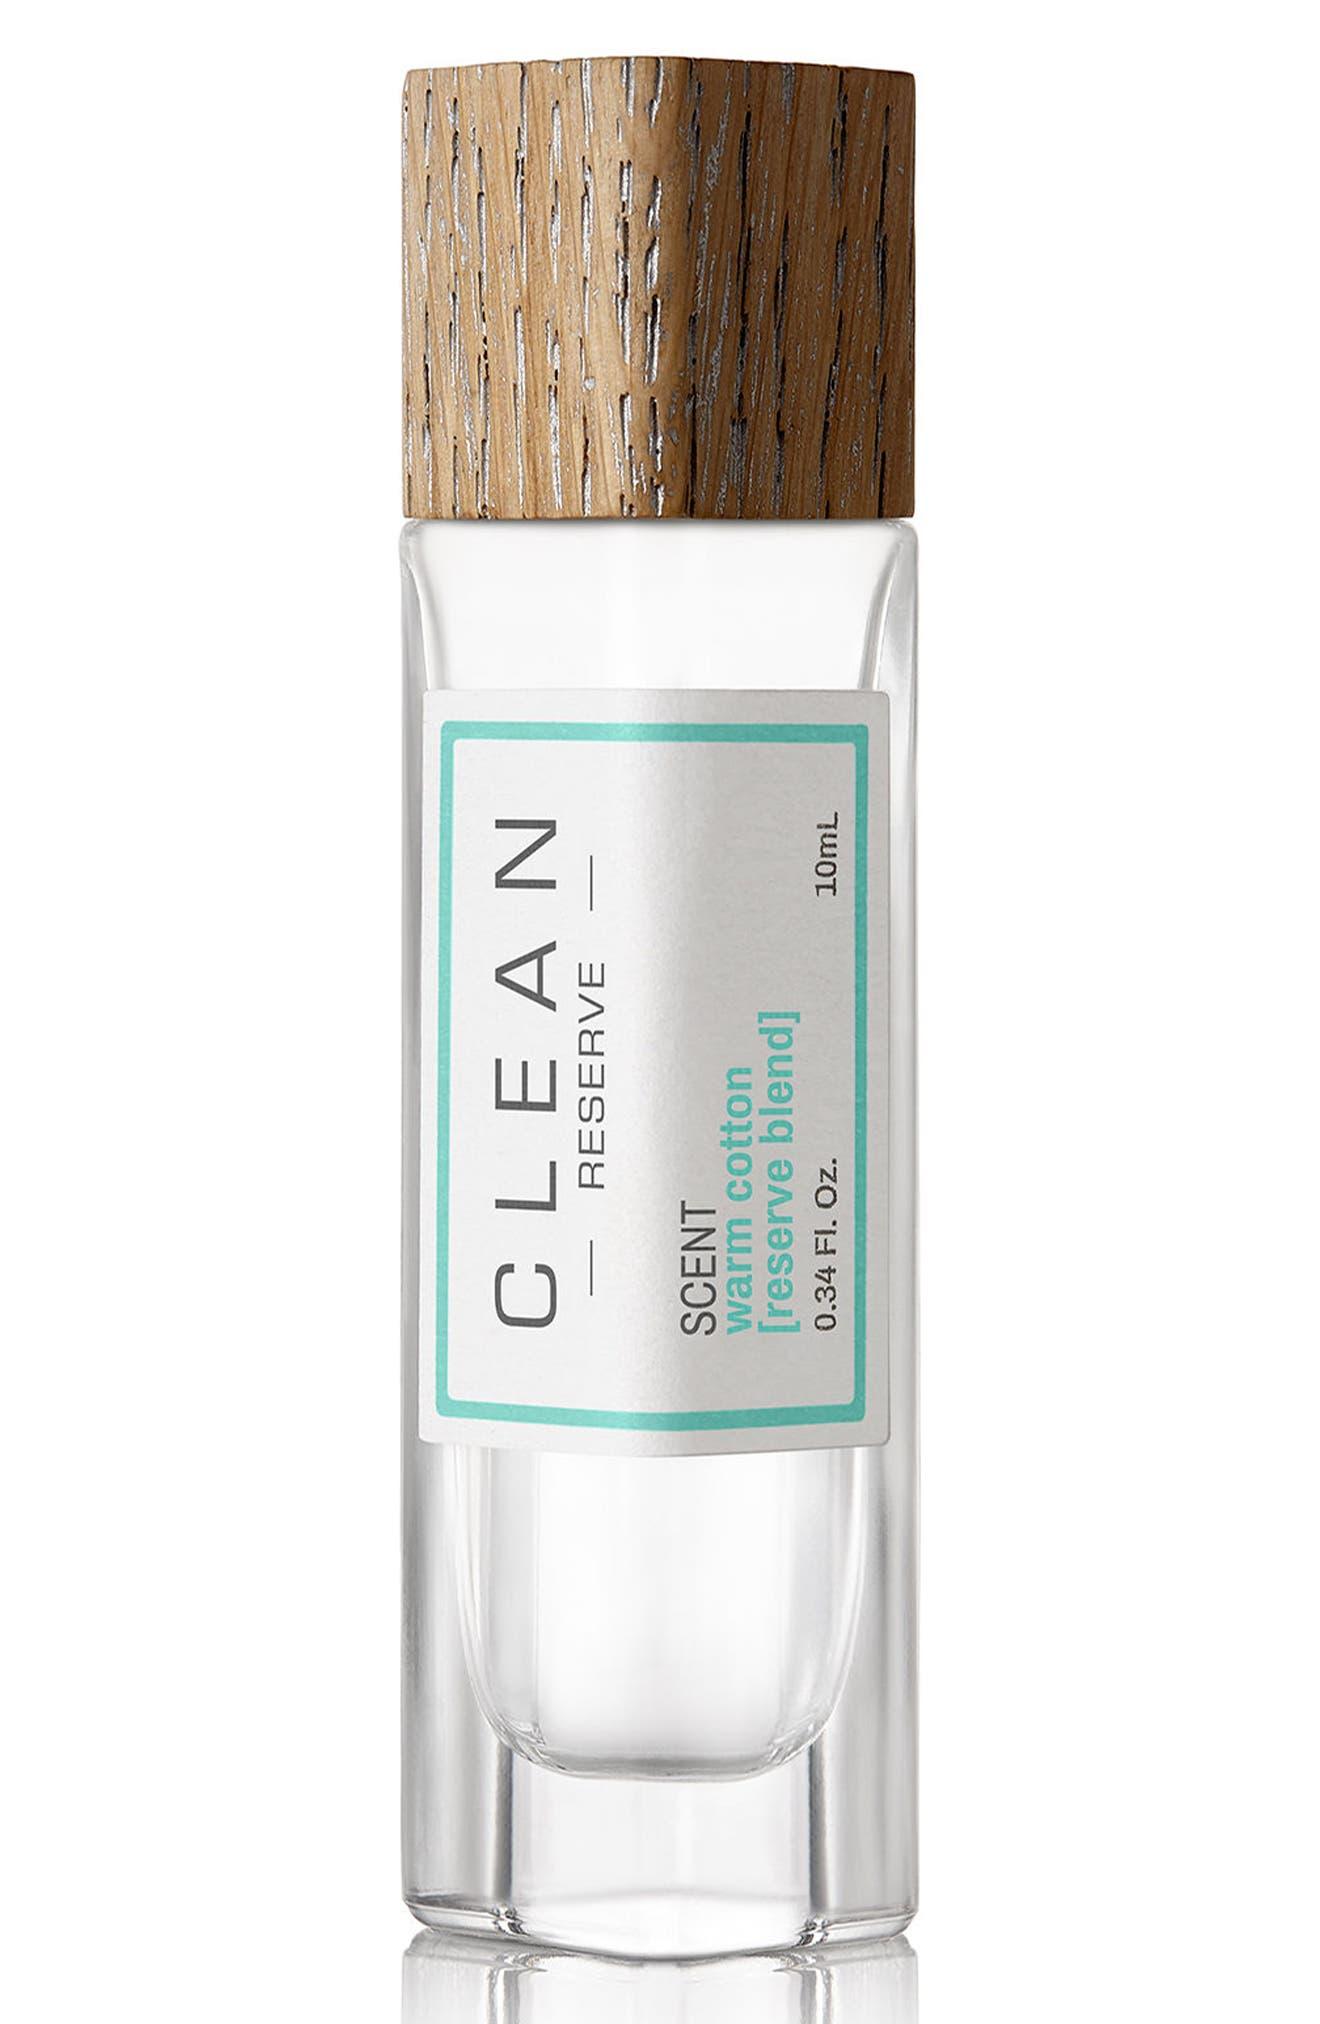 Reserve Blend Warm Cotton Eau de Parfum Pen Spray,                             Main thumbnail 1, color,                             No Color